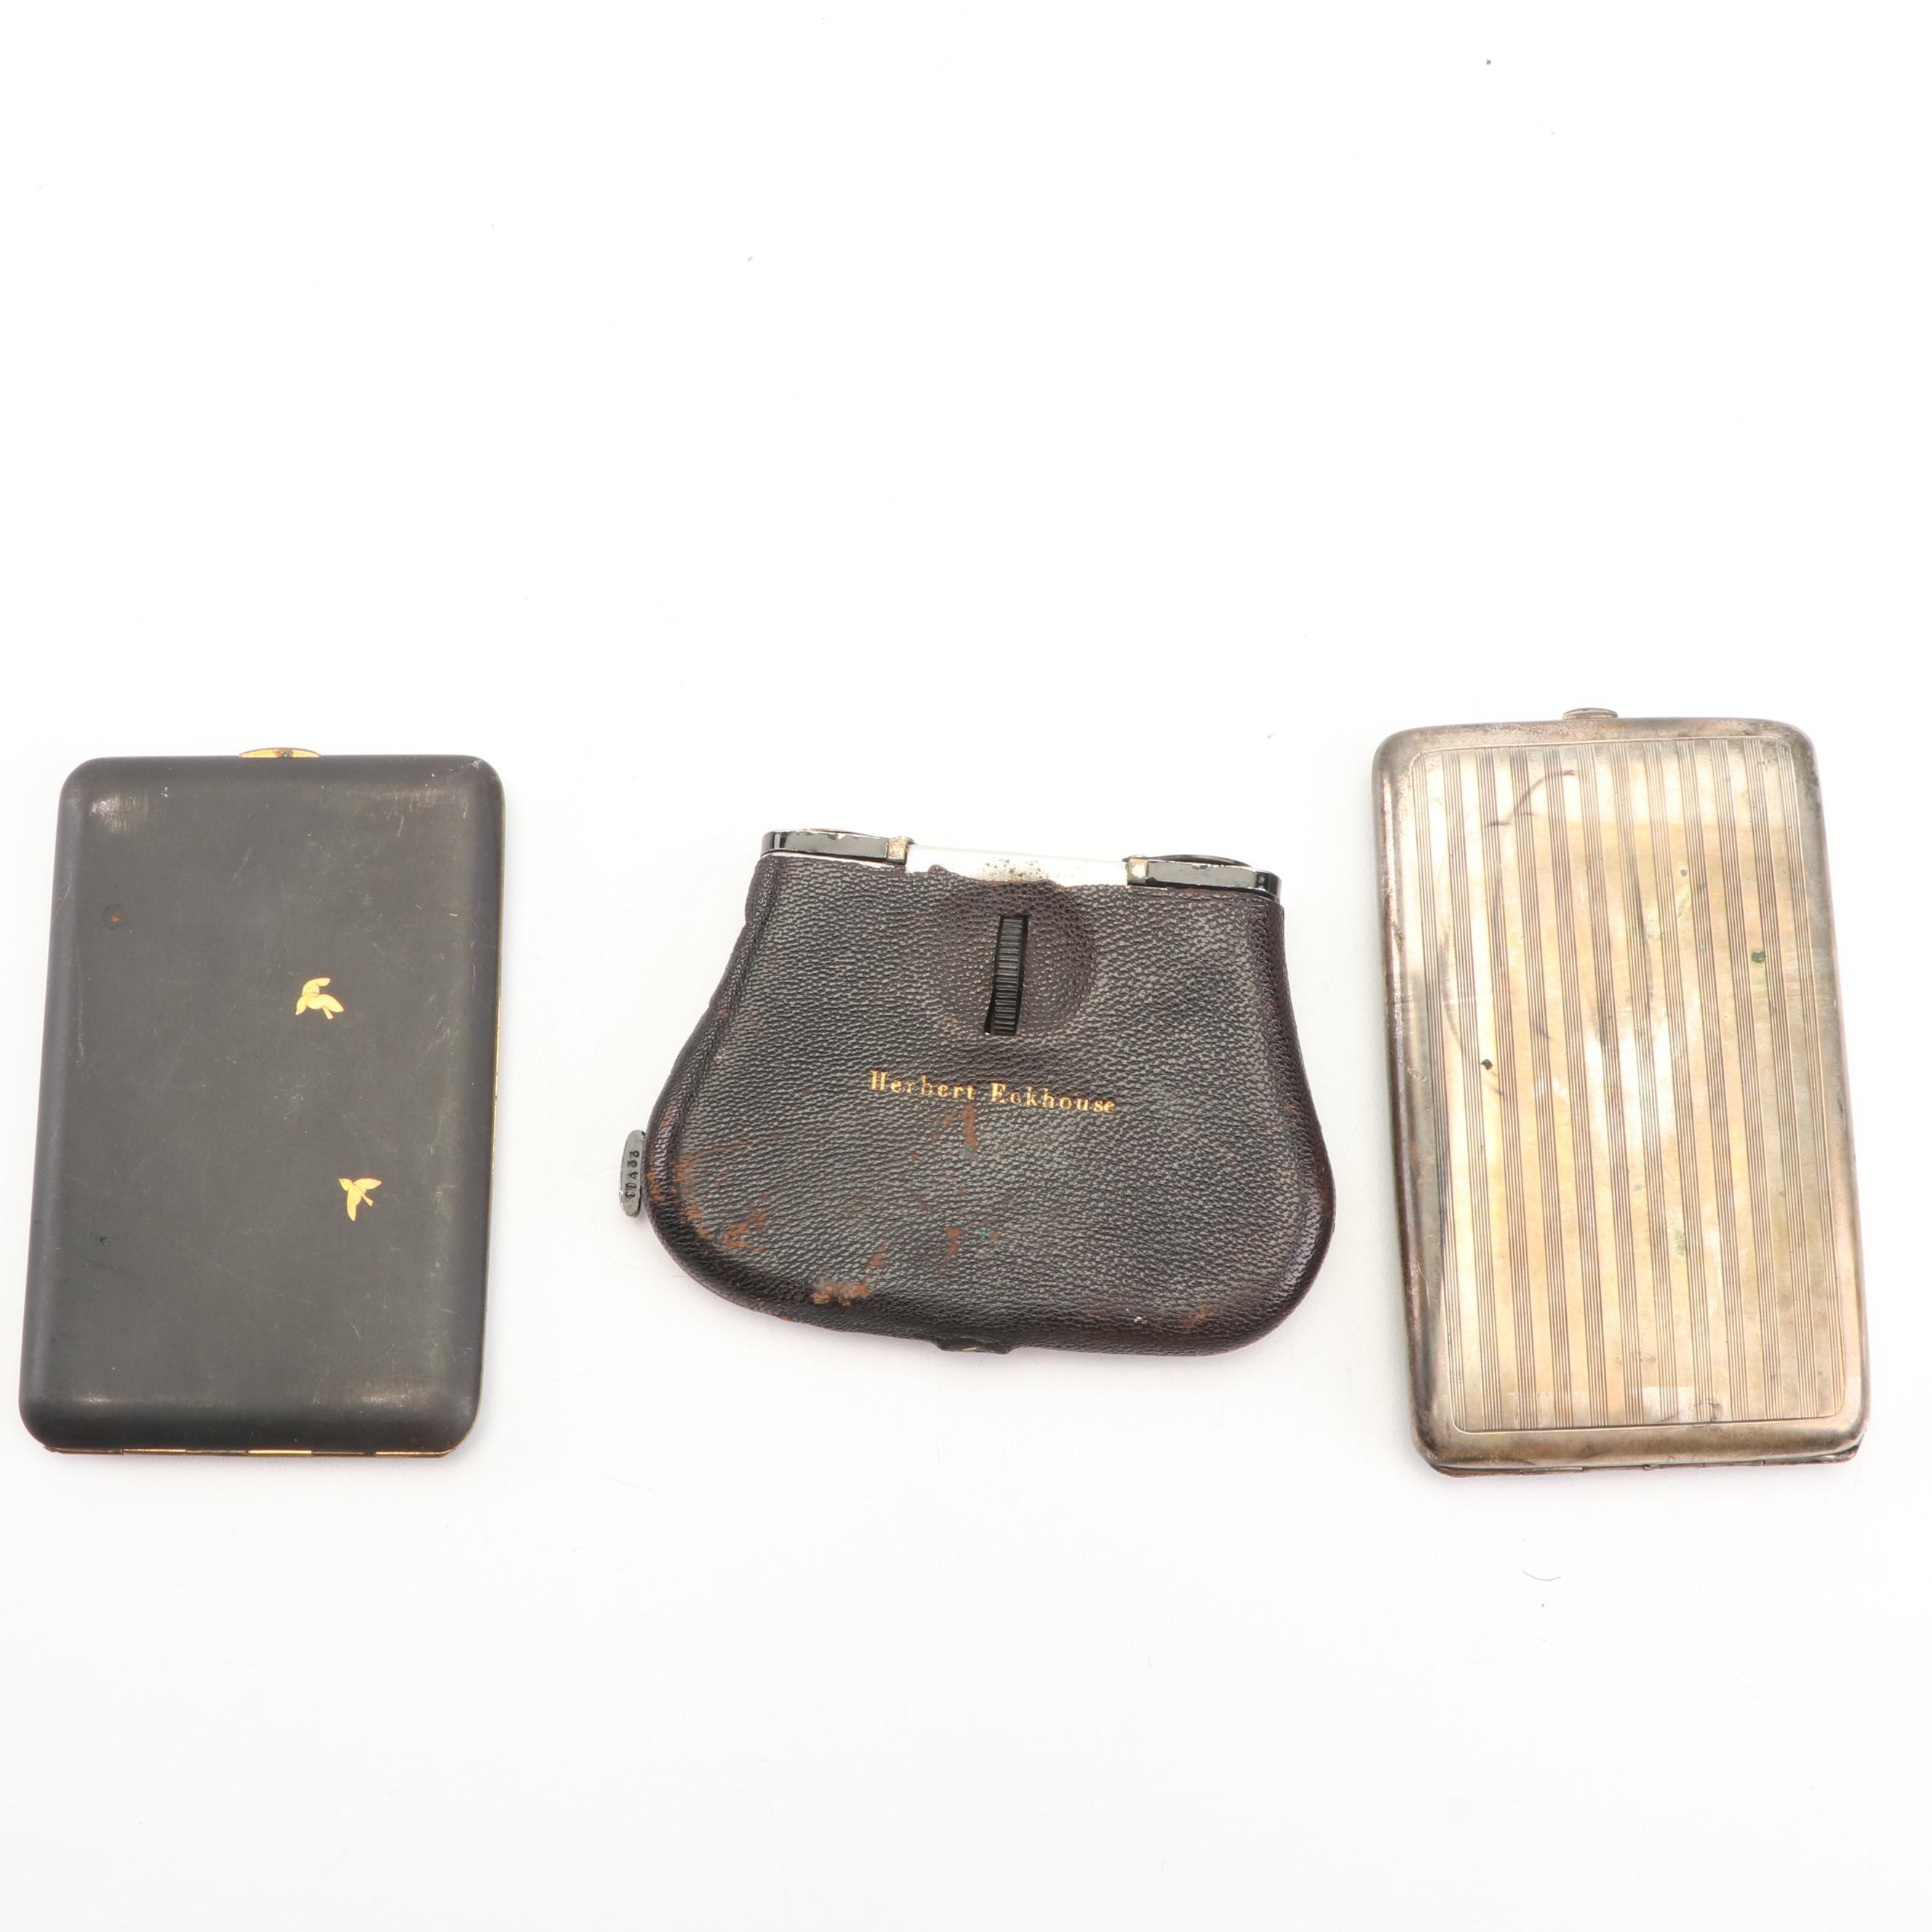 Pocoscope Opera Glasses with German 800 Silver and Damascene Cigarette Cases